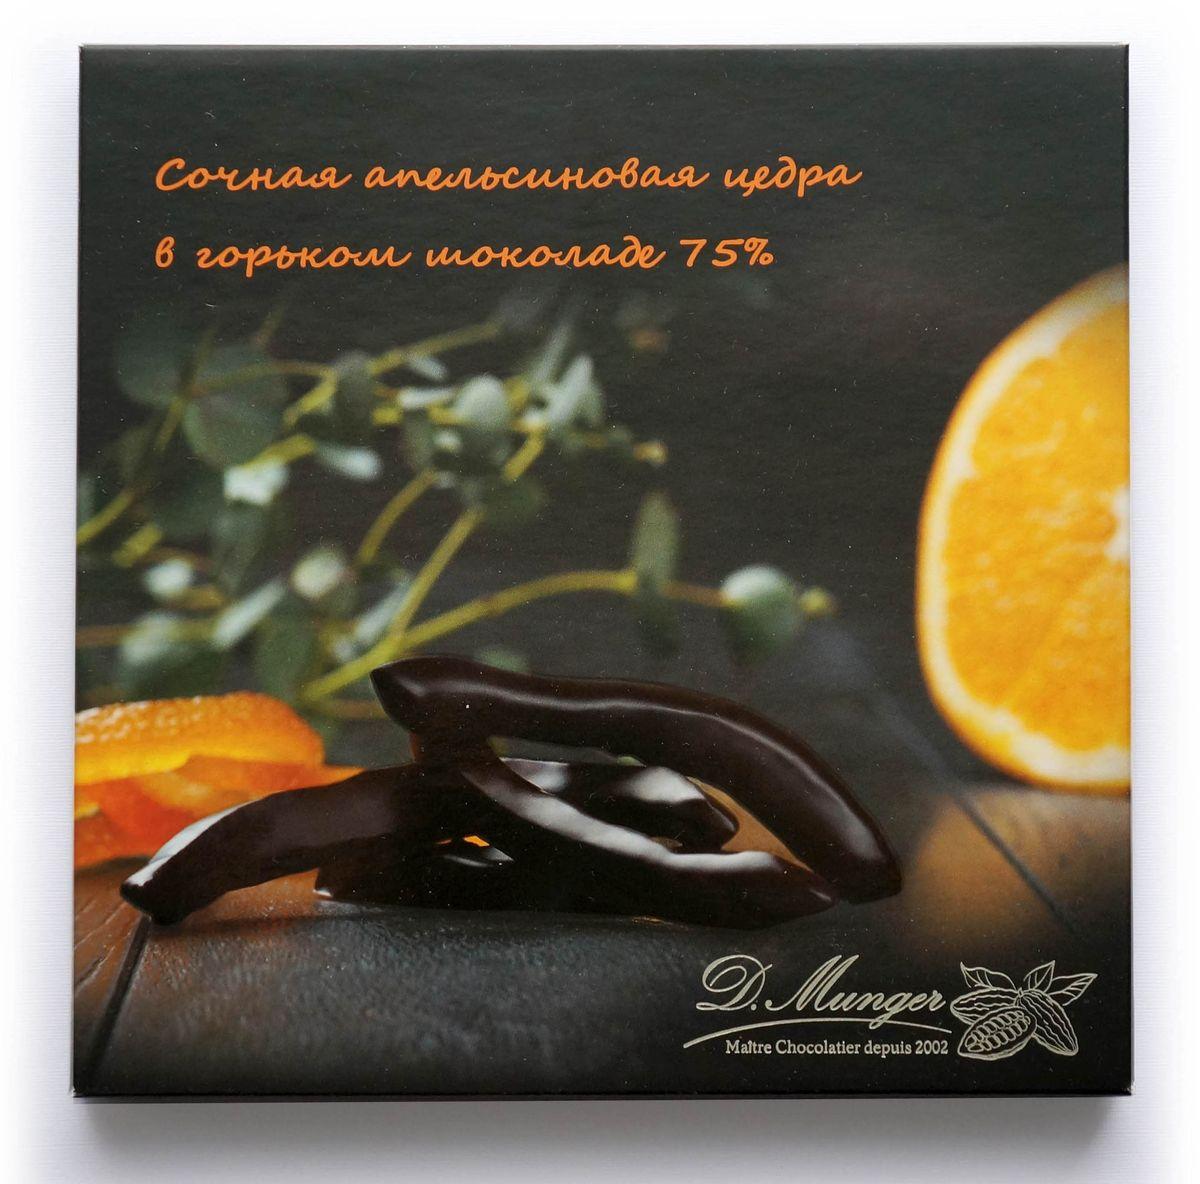 Chocolatier D.Munger цукаты апельсина в горьком шоколаде, 110 гУТ-00000638Цукаты апельсина в горьком шоколаде Chocolatier D.Munger - это изысканный десерт, который придется по душе настоящим гурманам. Применяются цукаты, не придавленные экстракцией сока, в которых сохранилась все эфирные масла цедры. Цедру вручную отсоединяют из цельного плода сочных апельсинов Калабрии. Цукаты не обсыпаны в декстрозе. Натуральную горечь цукатов подчеркивает тонкий слой 75% горького шоколада, основой которого являются терпкие какао-бобы лучших ганских плантаций.